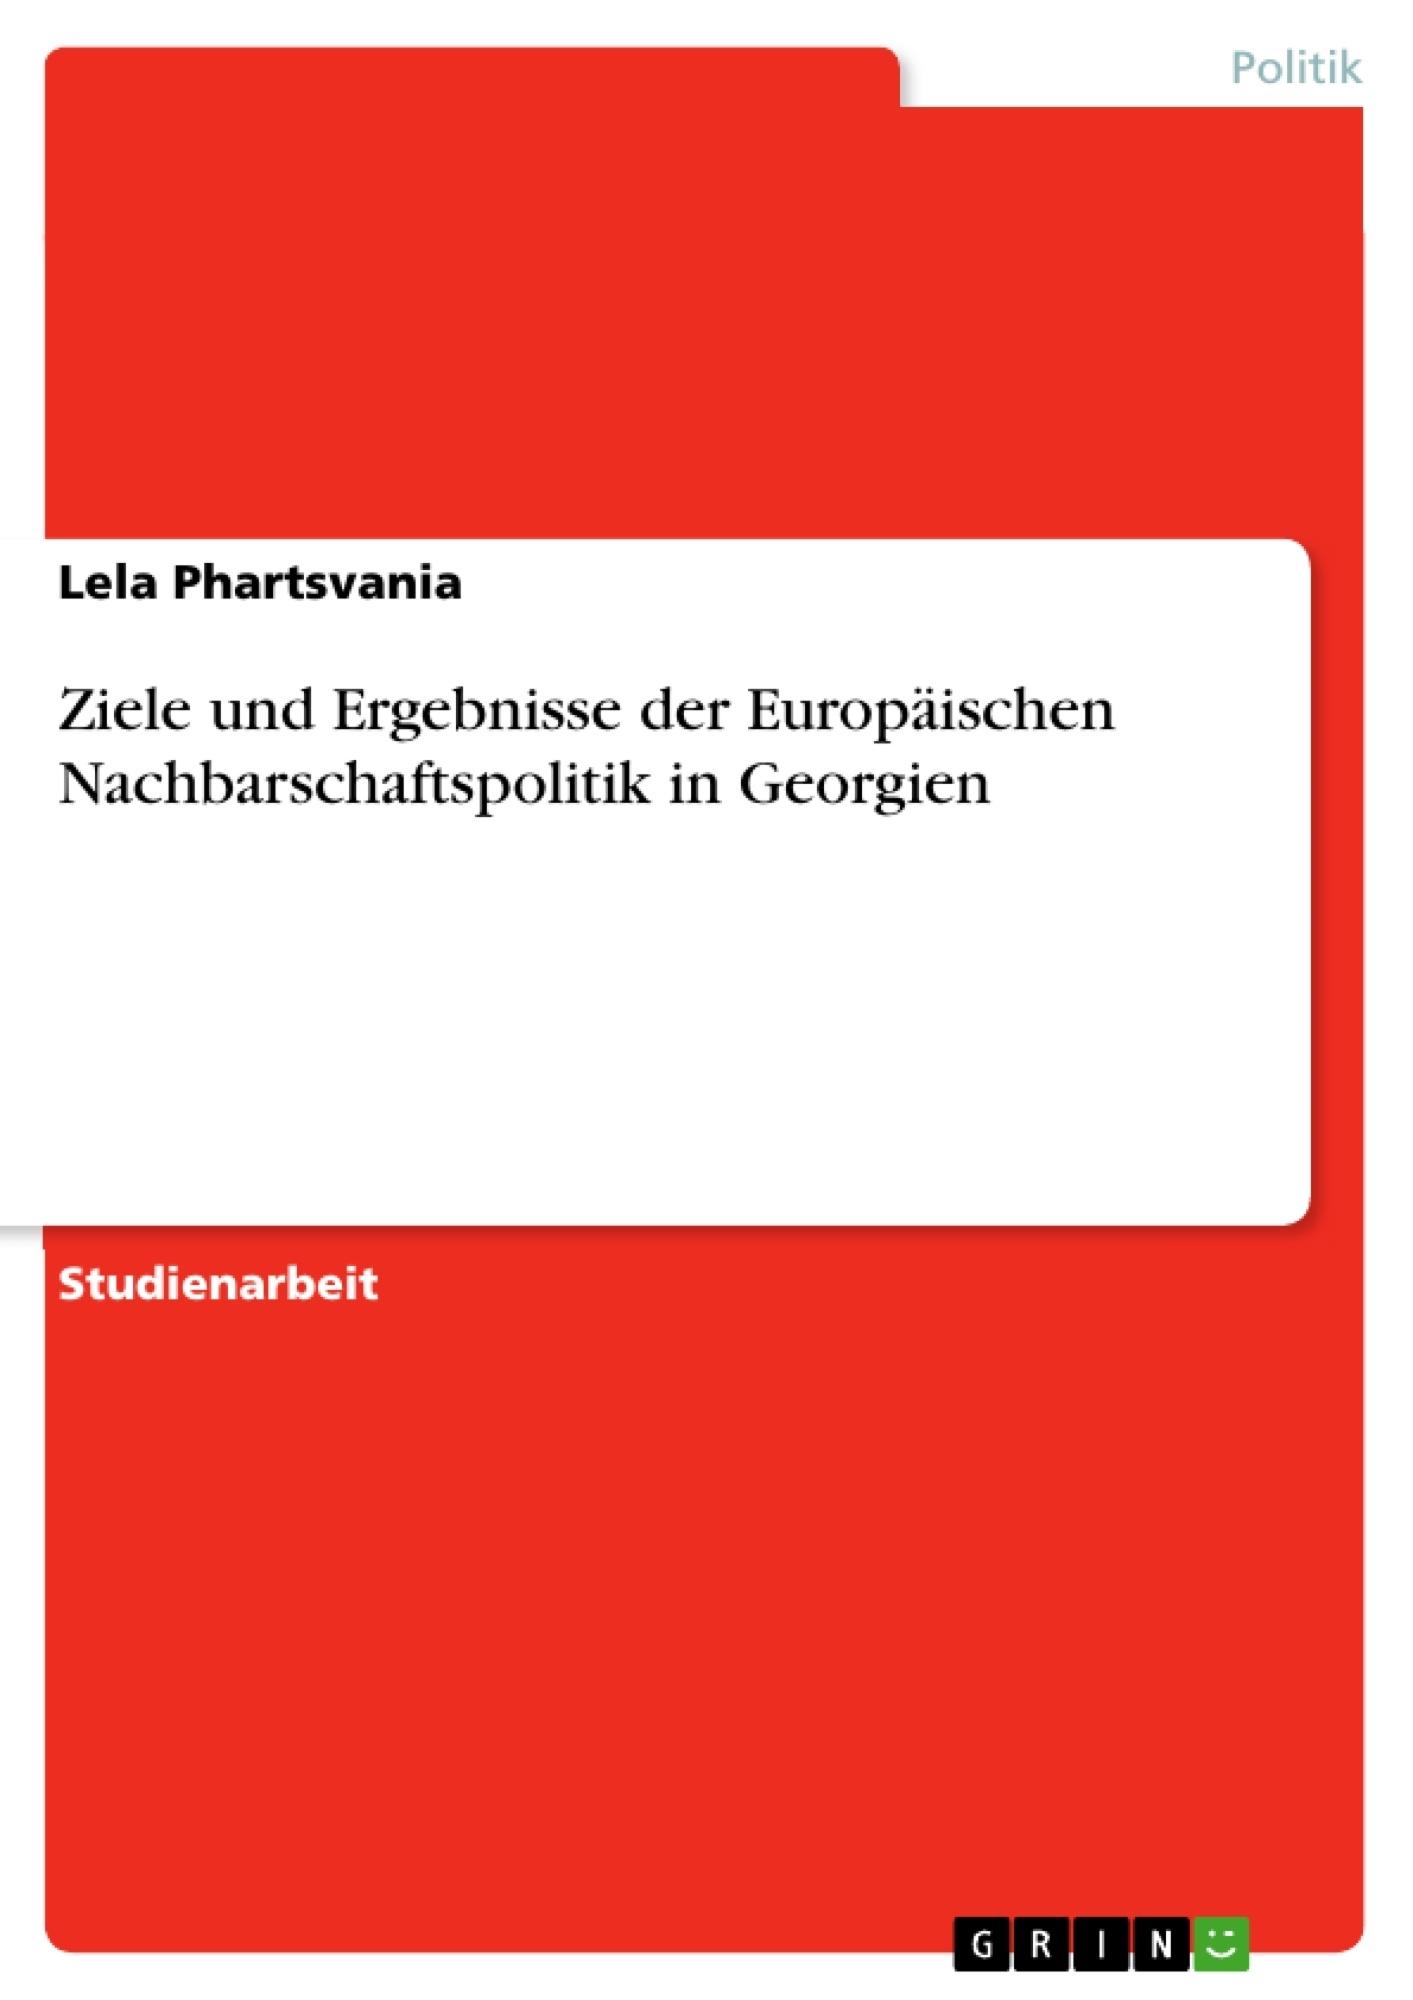 Titel: Ziele und Ergebnisse der Europäischen Nachbarschaftspolitik in Georgien